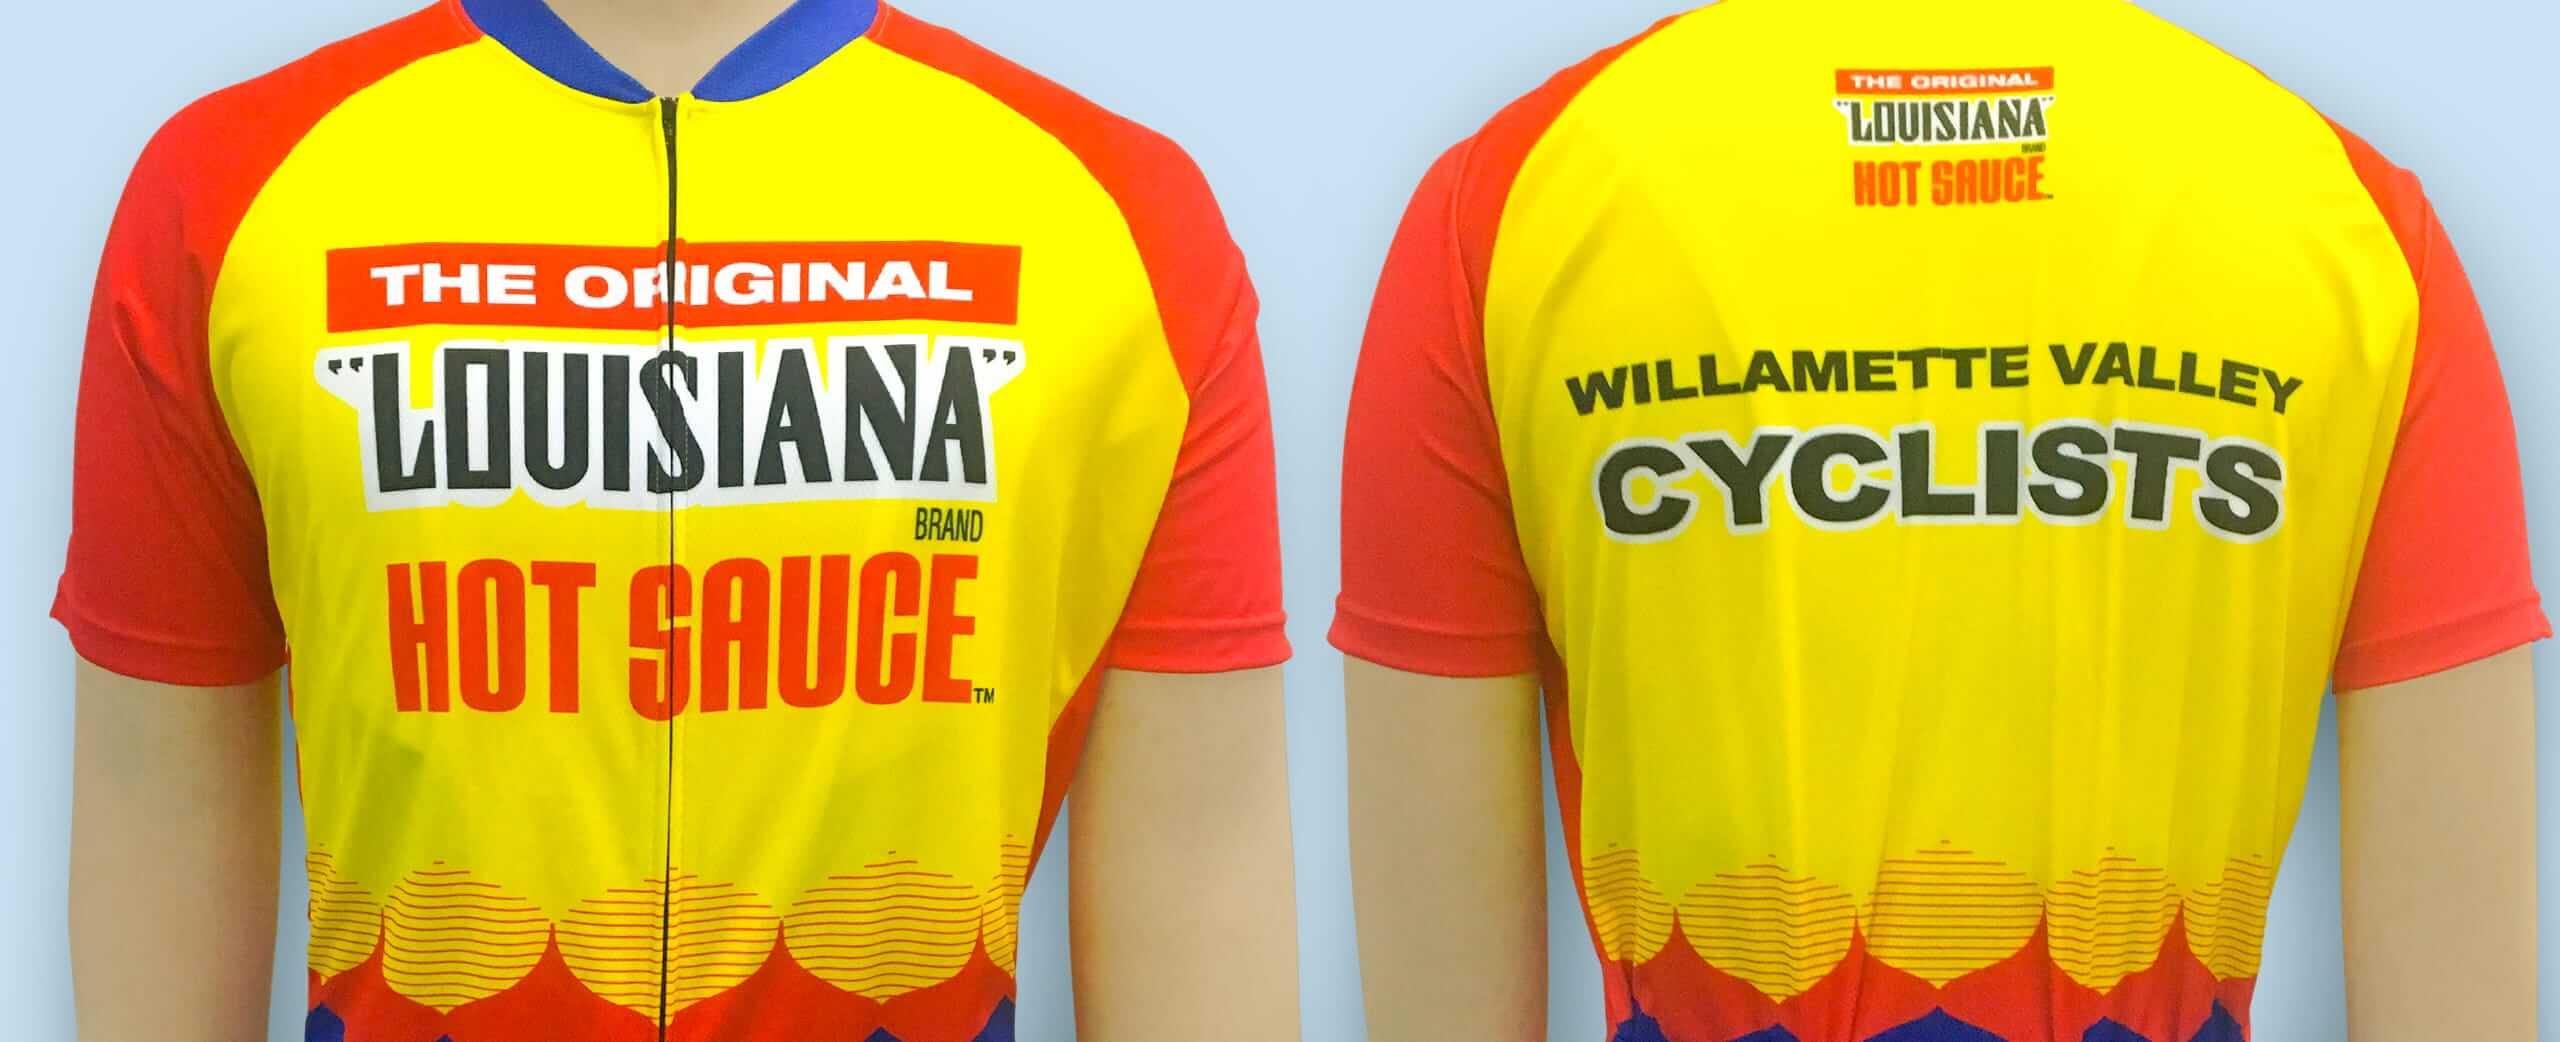 louisiana-hot-sauce-bike-shirts